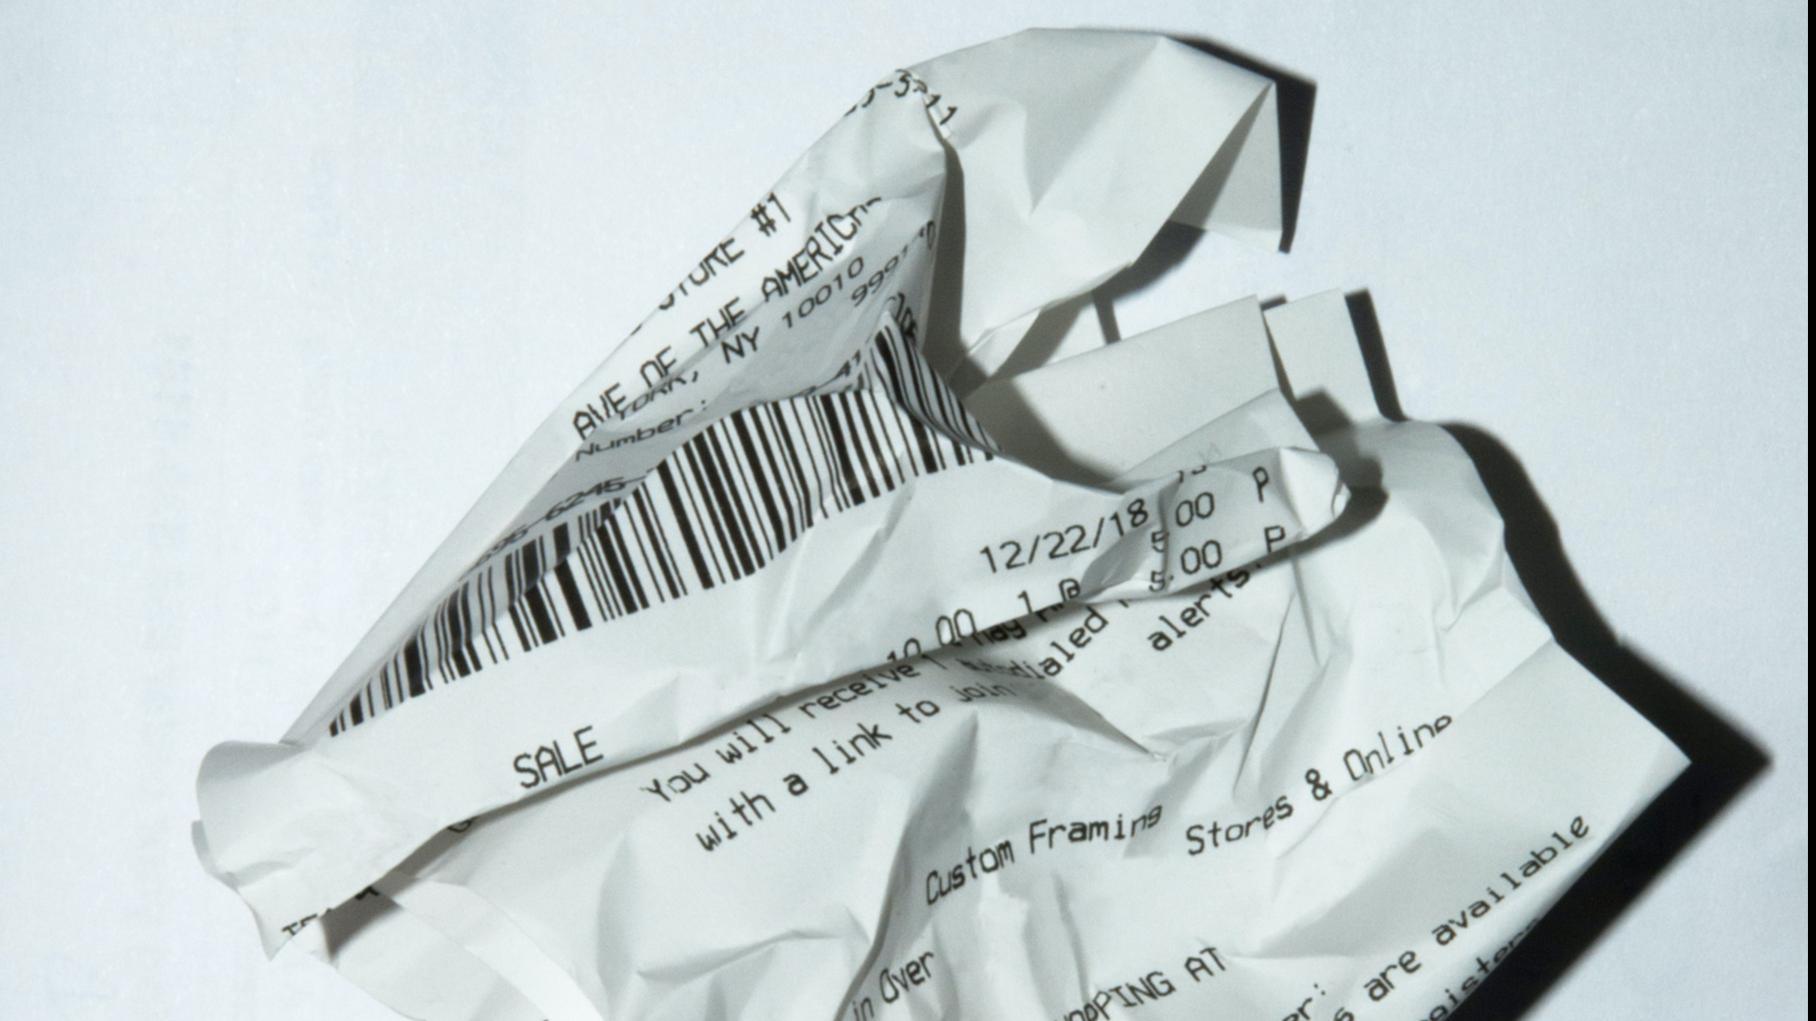 actie: Kasticket bij papier/karton